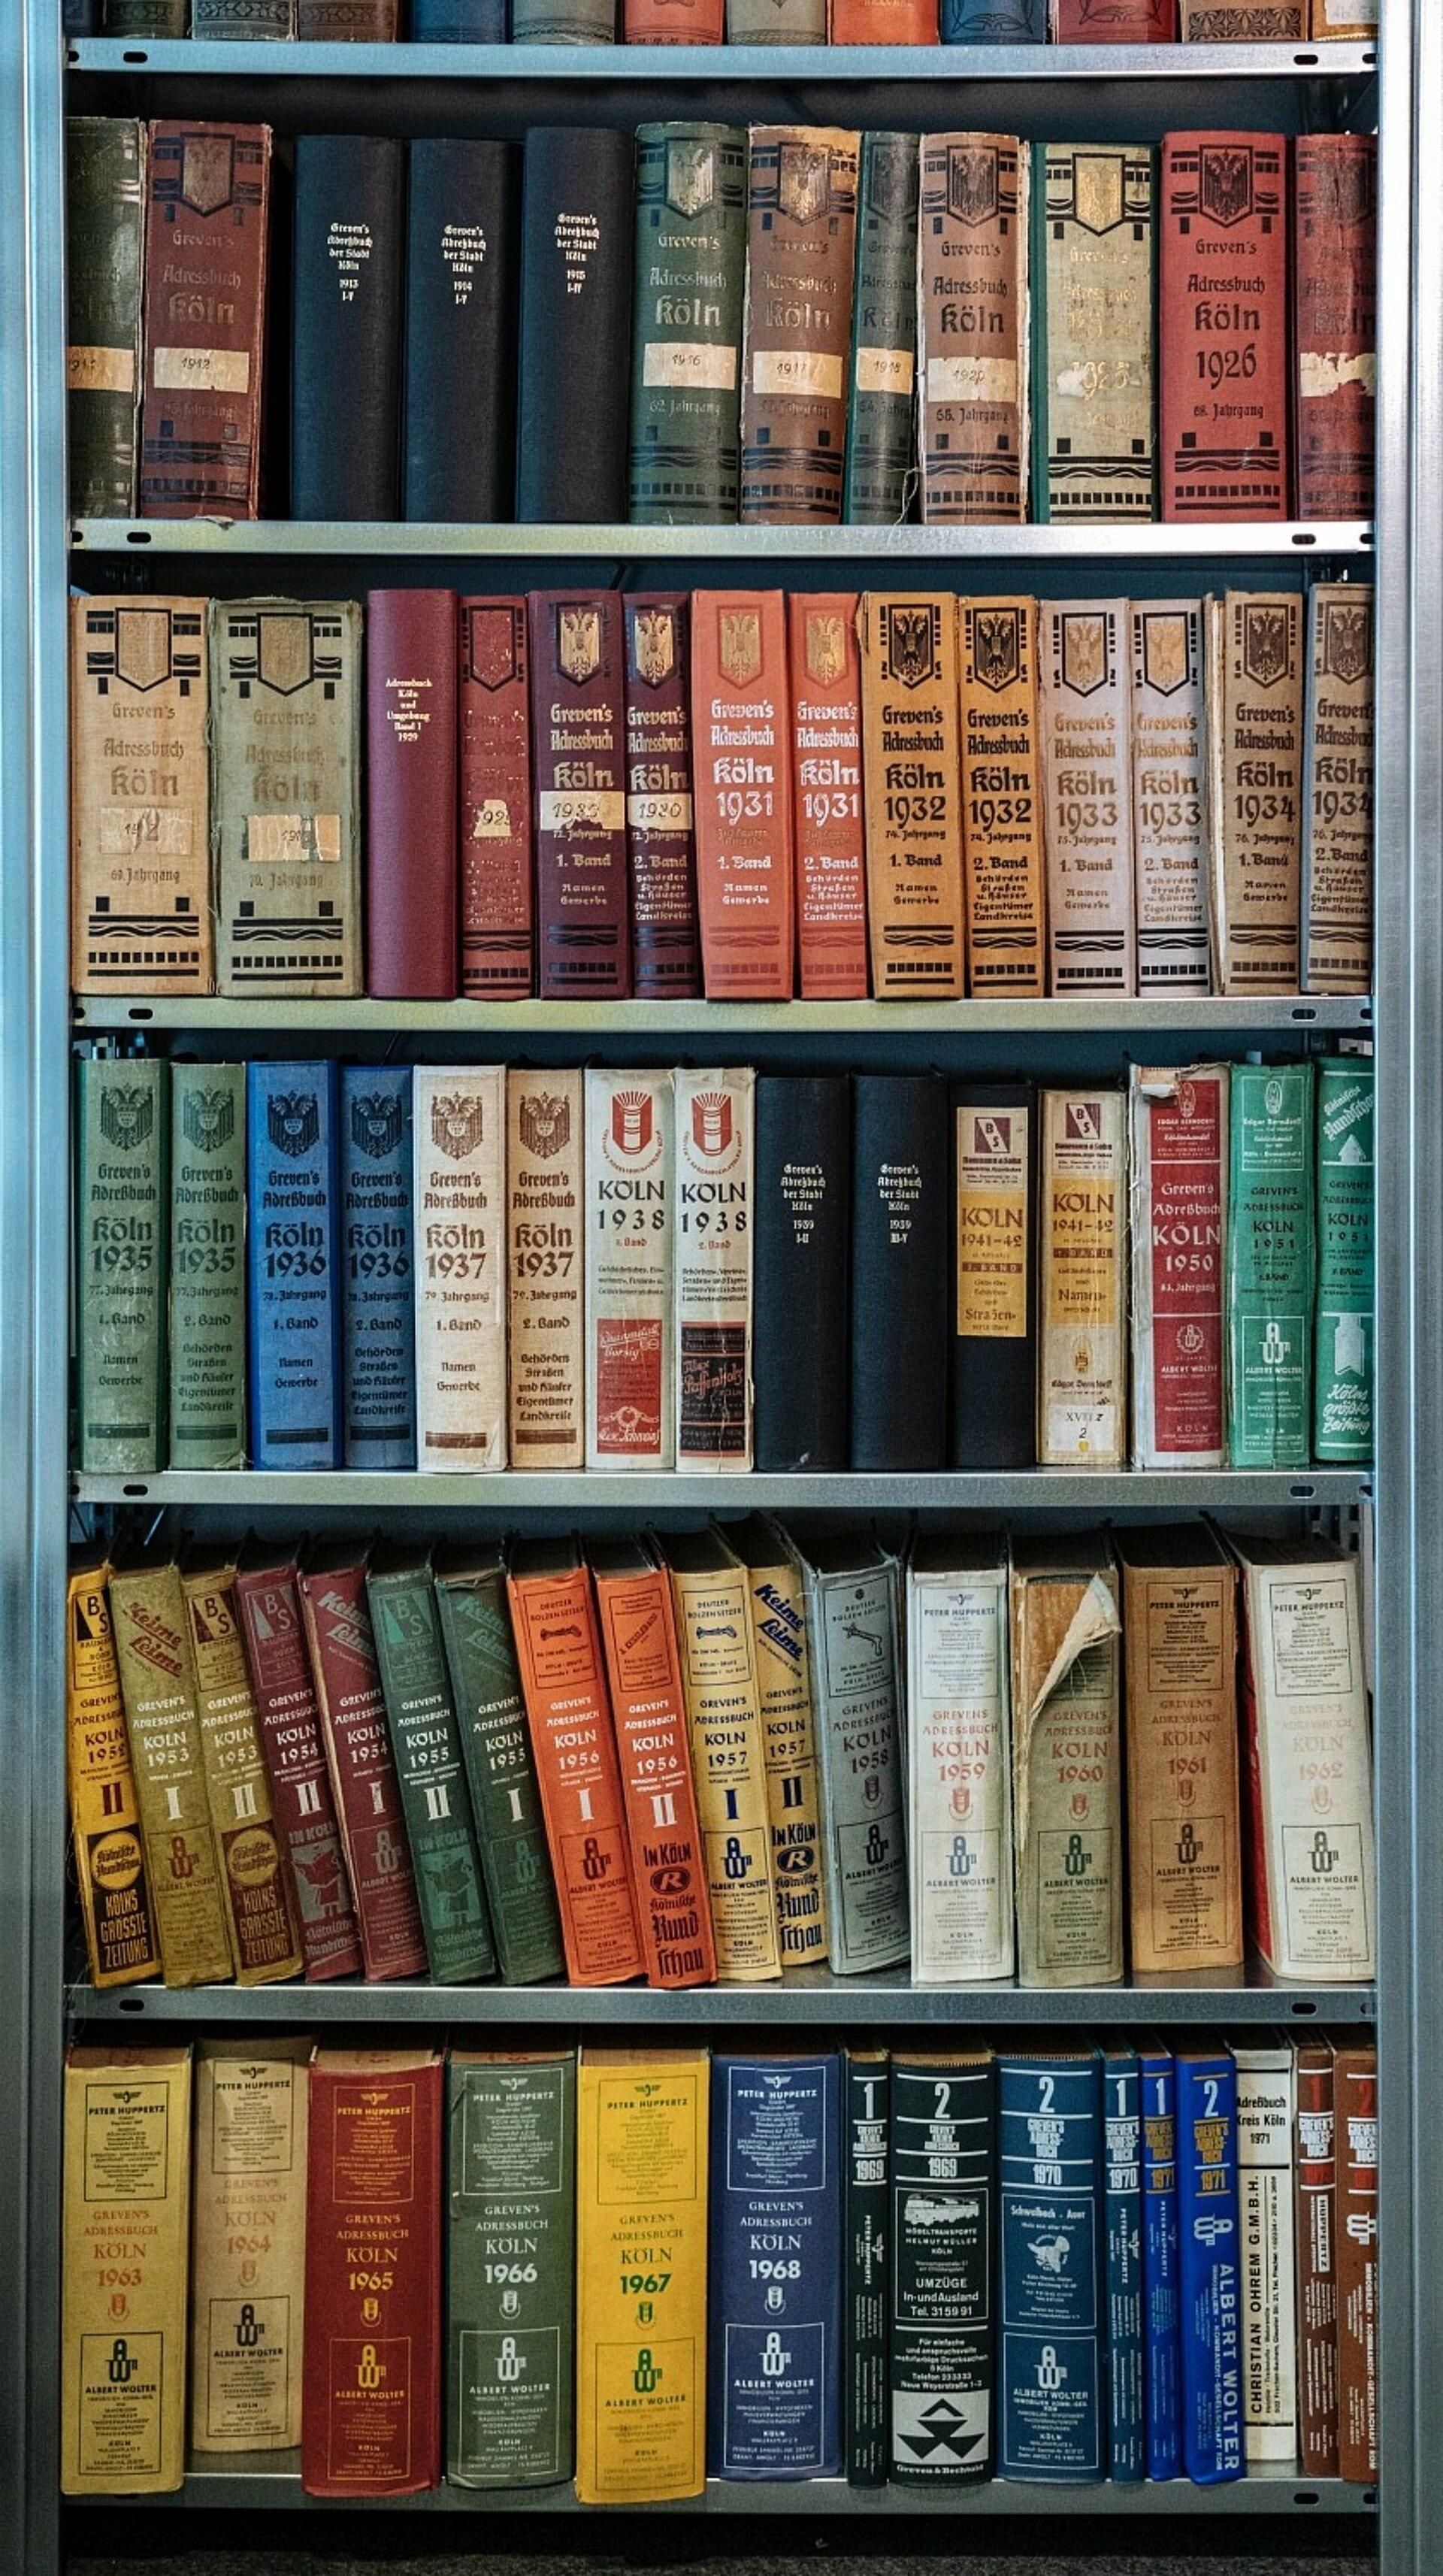 Schrank mit alten Adressbüchern von Köln